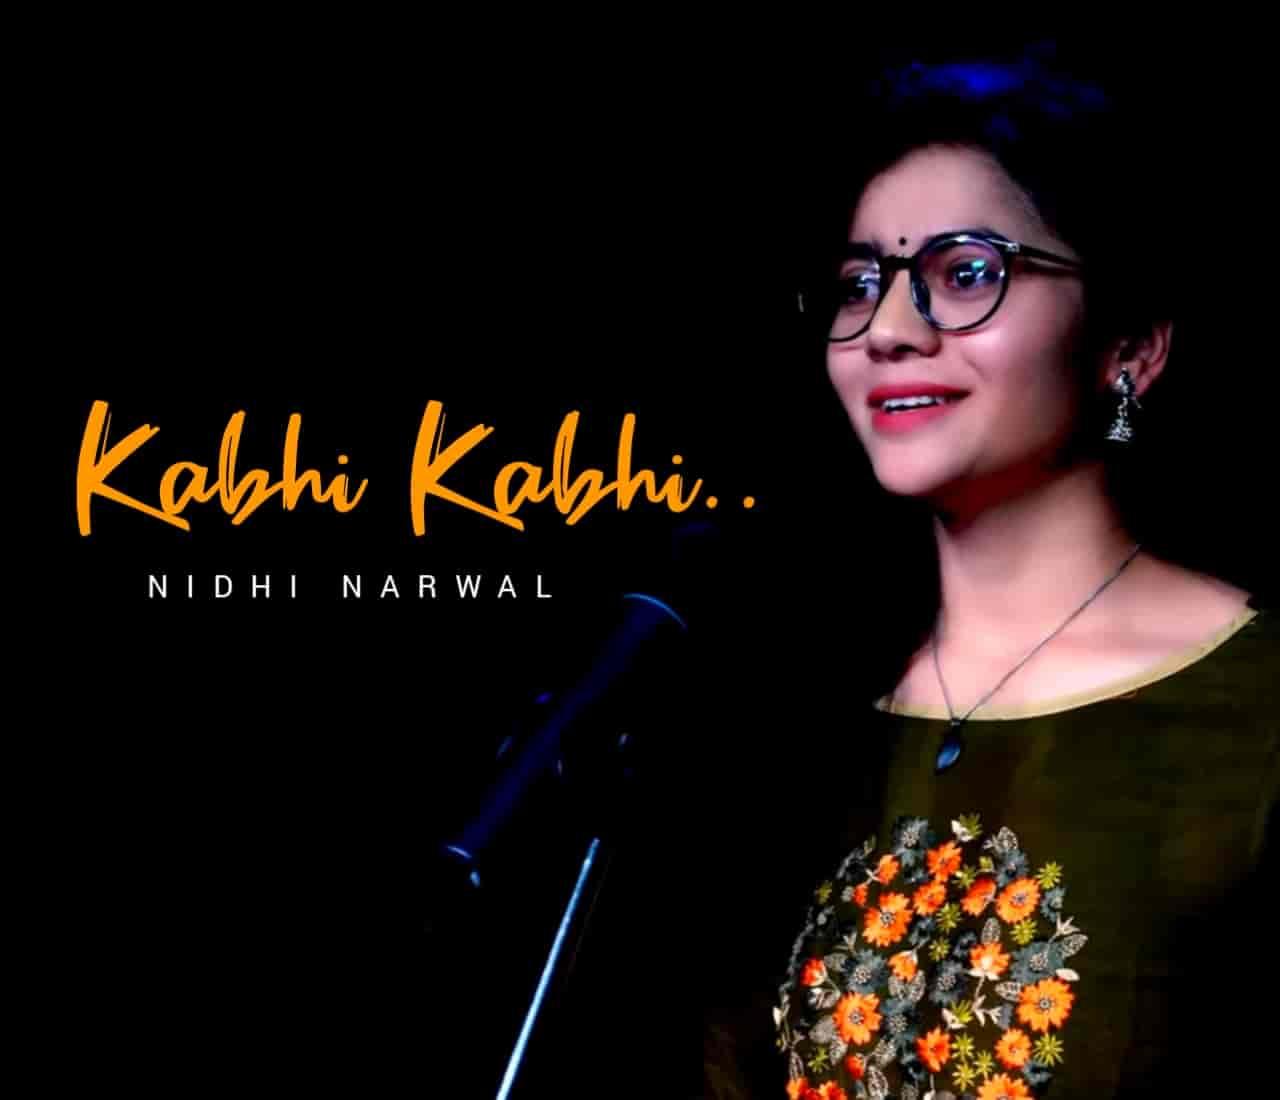 Kabhi Kabhi Hindi Poetry, Written By Nidhi Narwal.